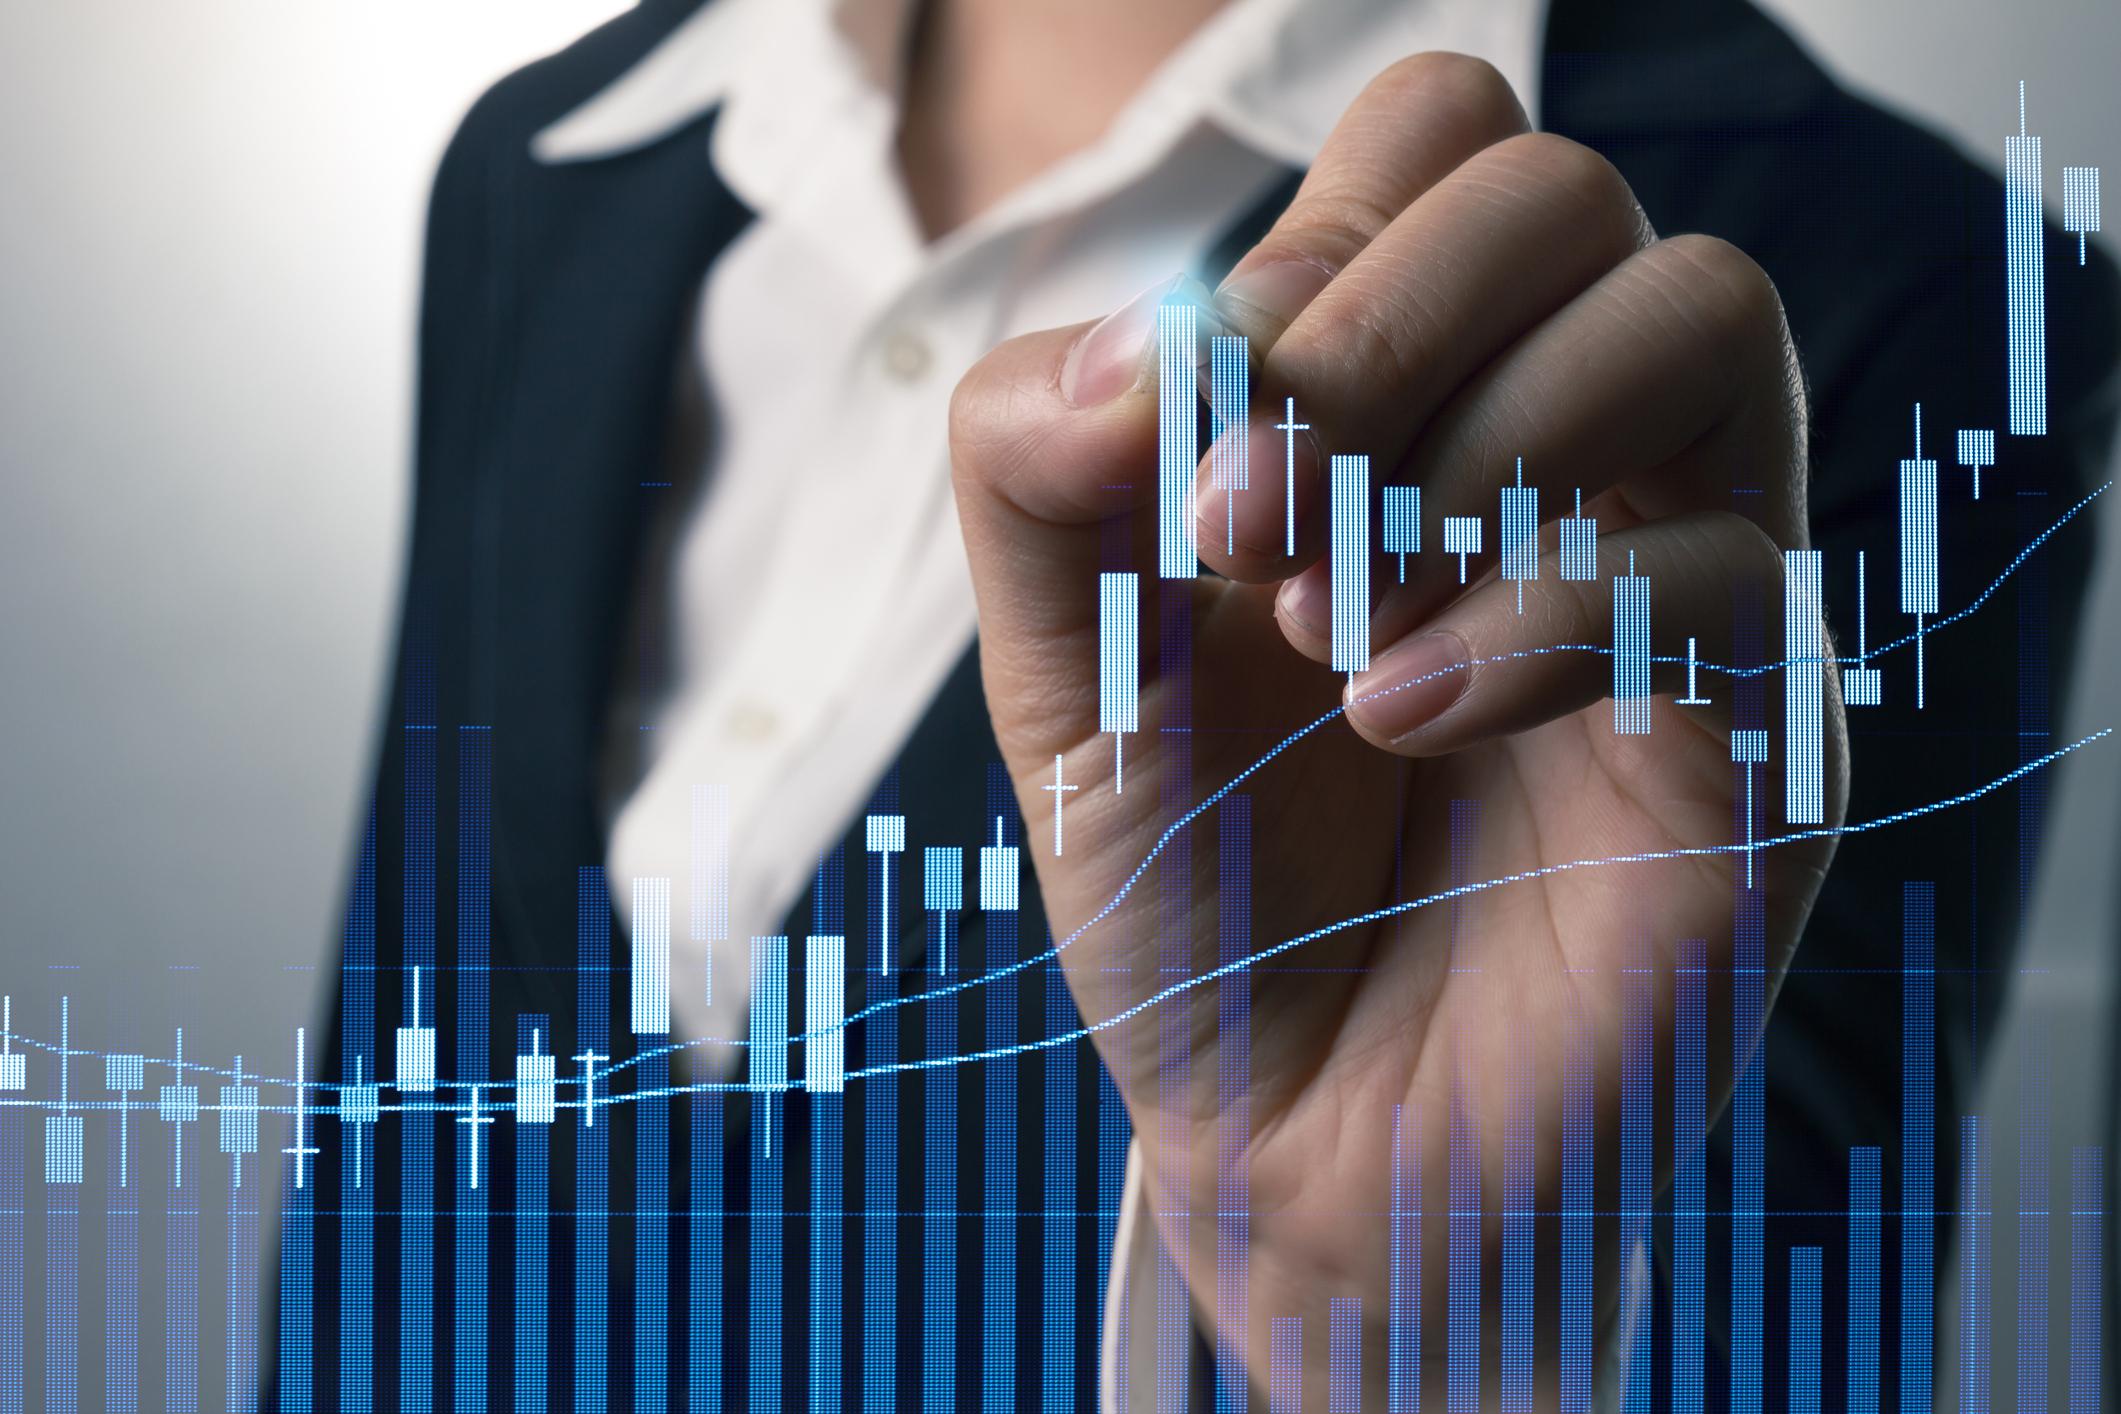 Person seemingly drawing rising stock bar chart.